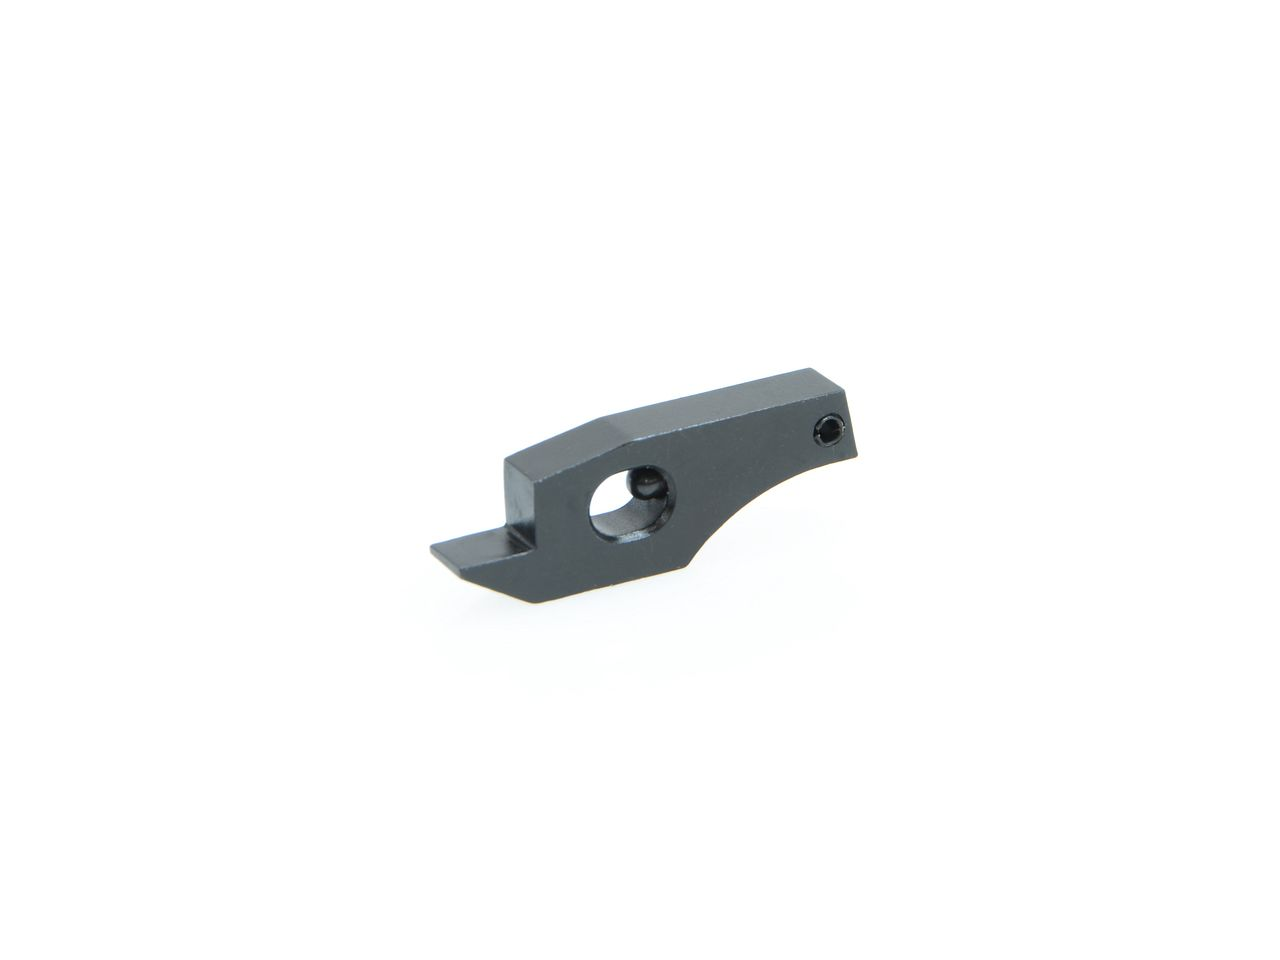 CRUSADER VFC G3/MP5GBB用 スチールシアー